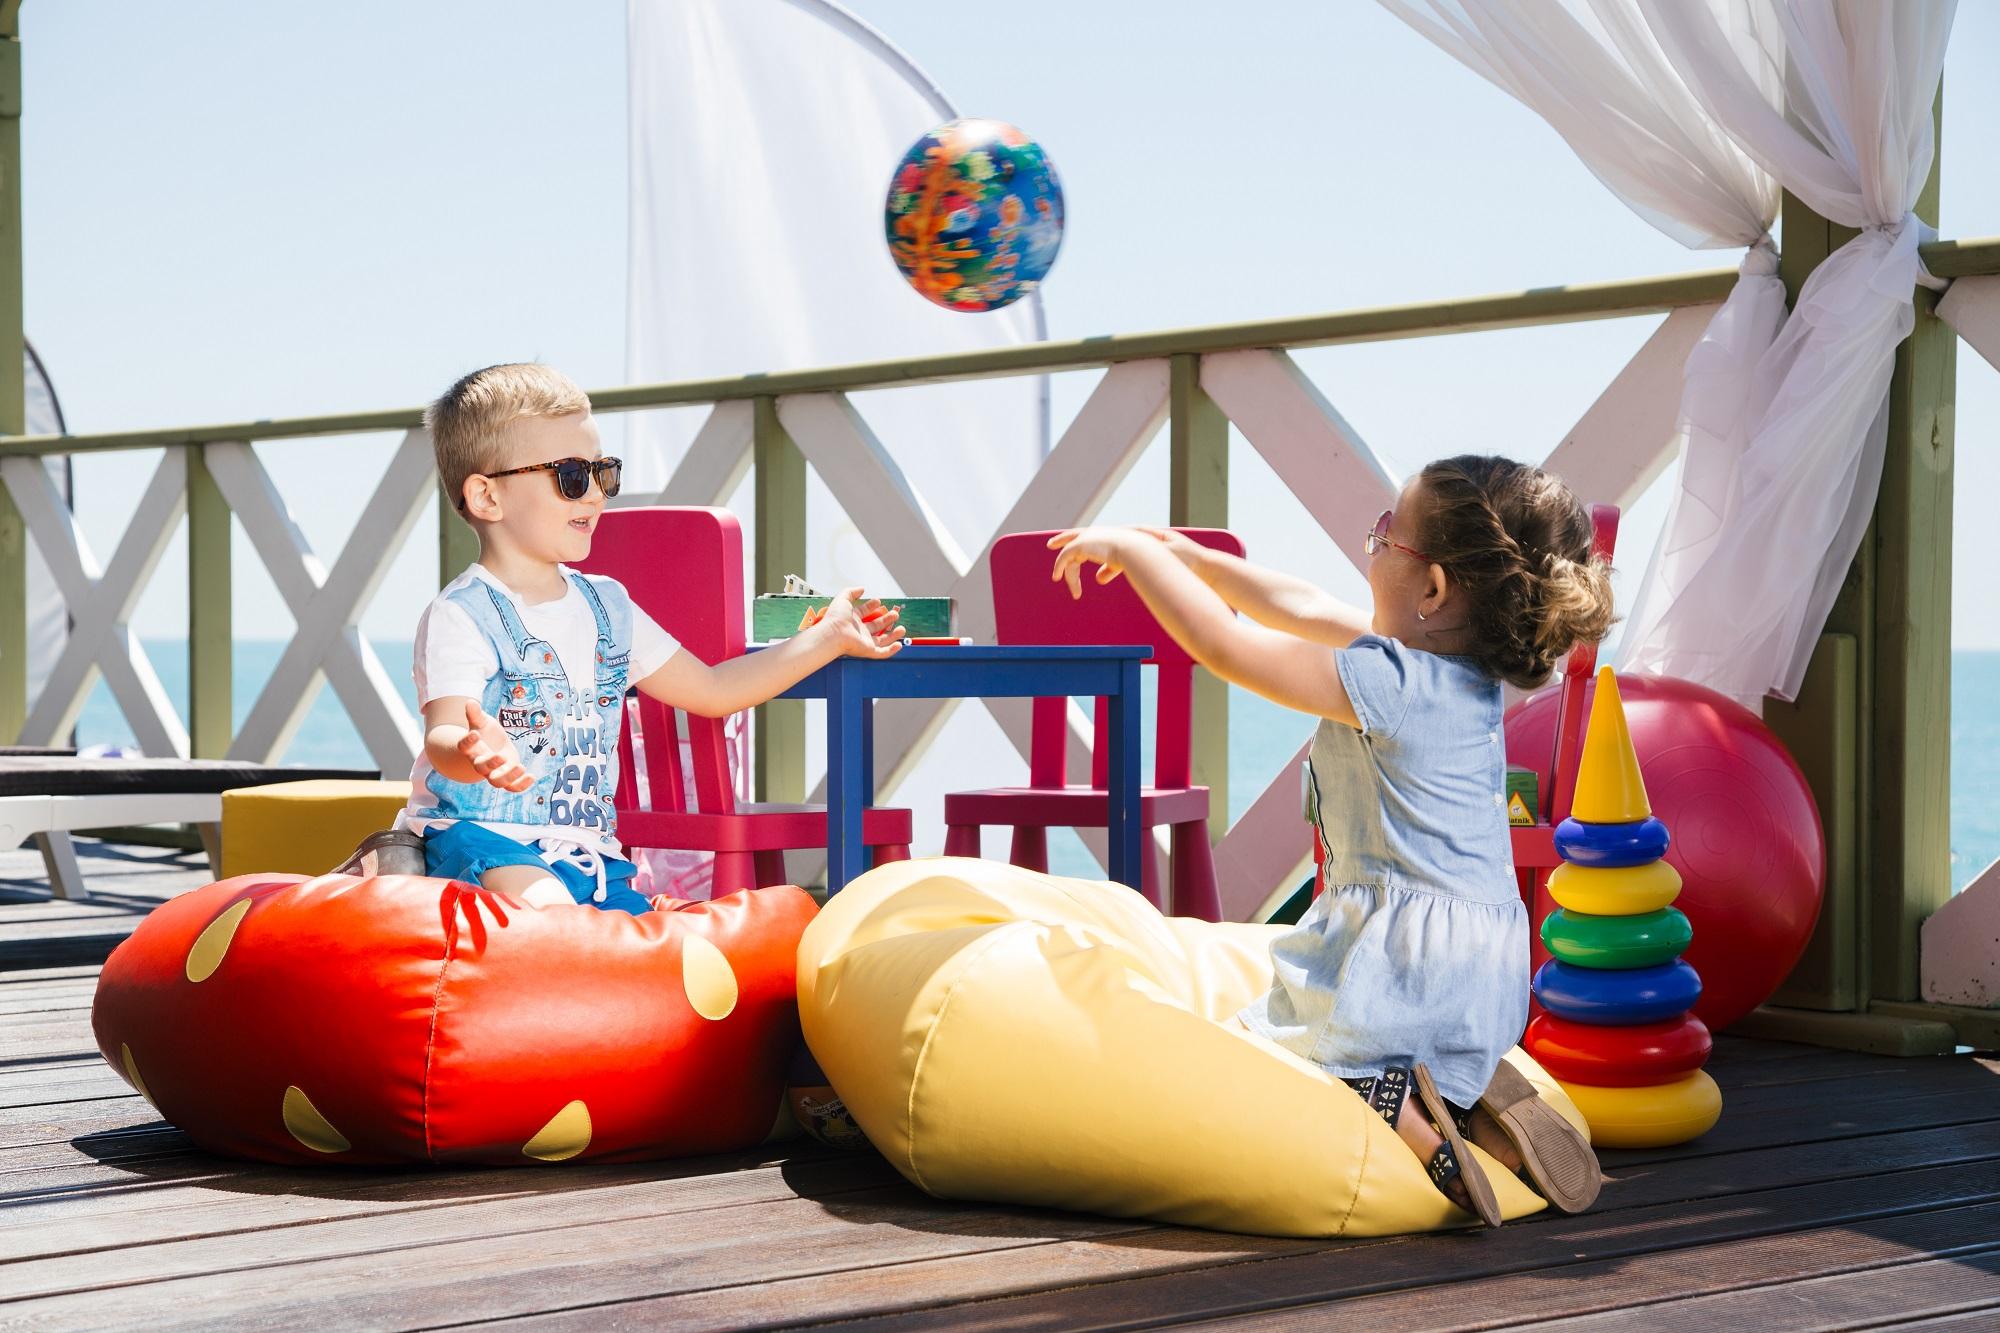 Чего ждут от отелей туристы с детьми? 9